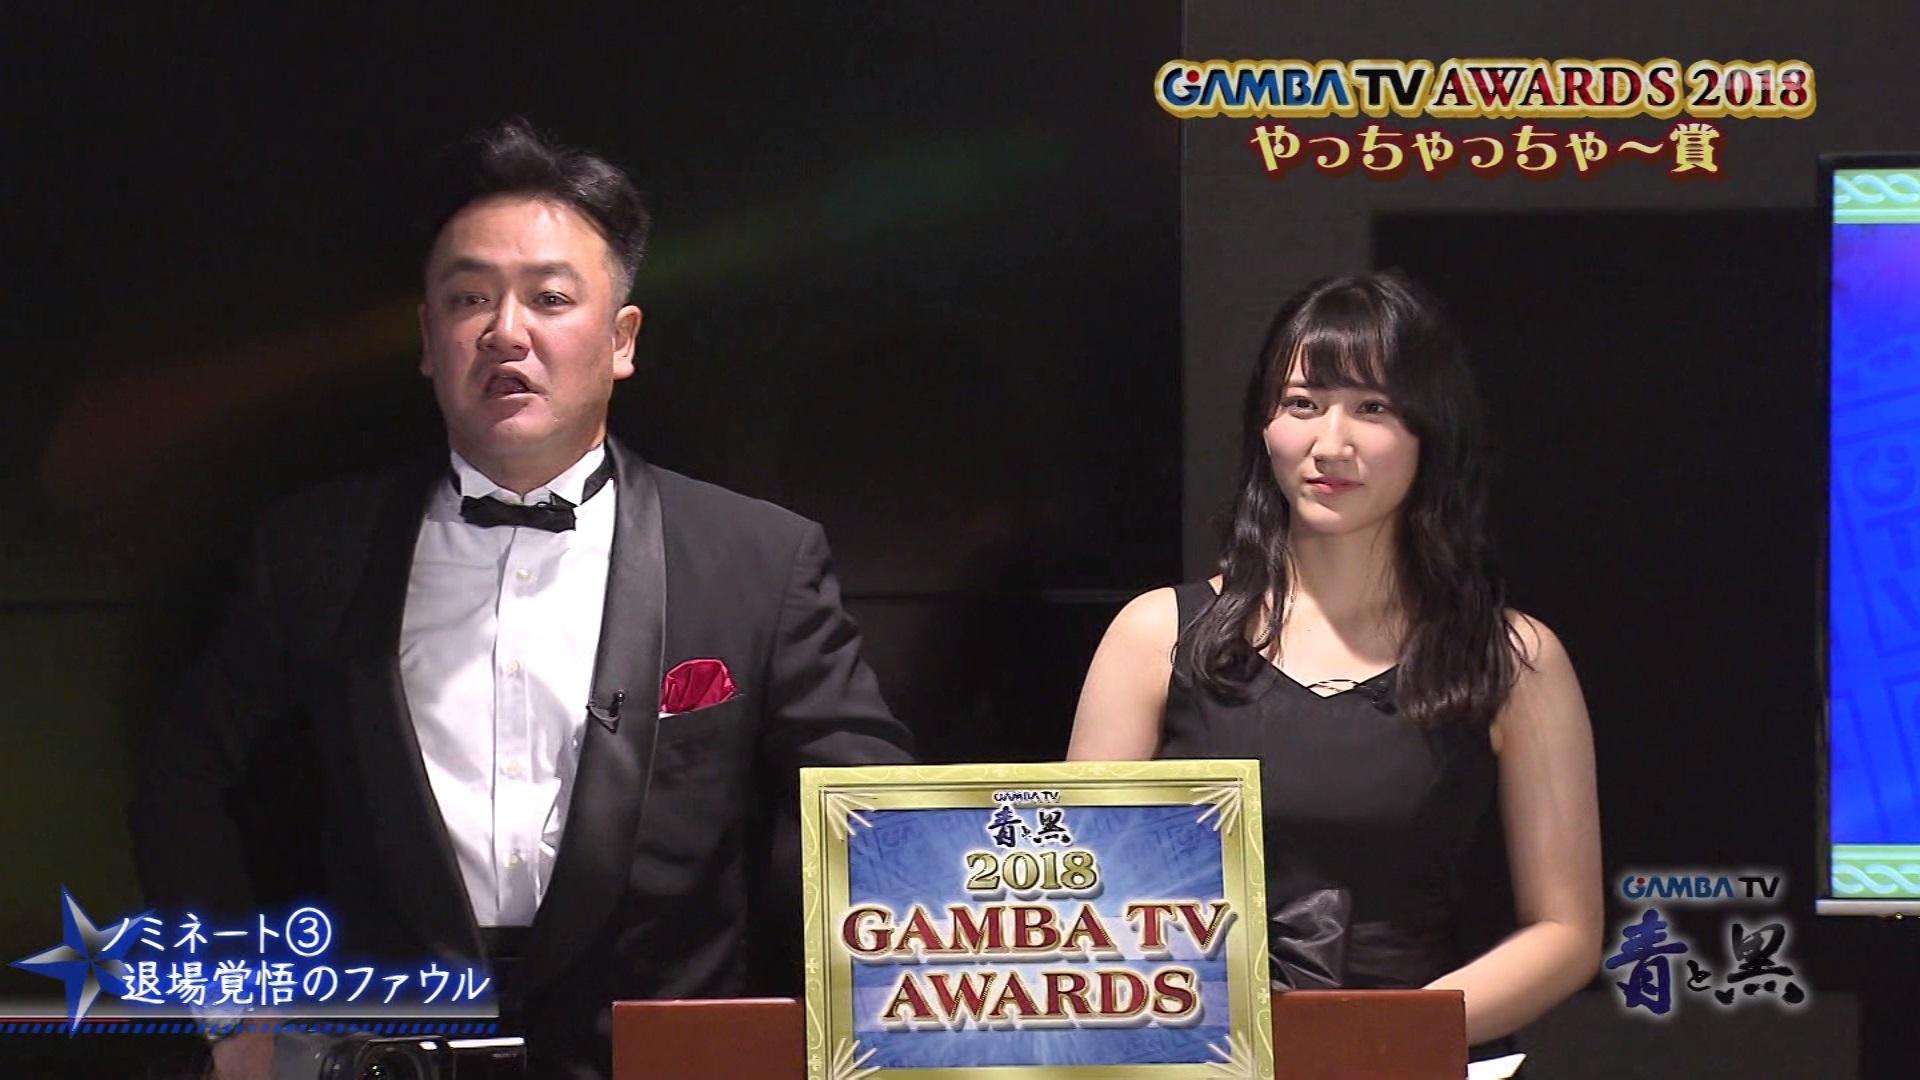 【西澤瑠莉奈】るりりん出演、12月17日「ガンバTV・GAMBA TV AWARDS 2018」キャプ画像。今シーズンのMVPが決定。